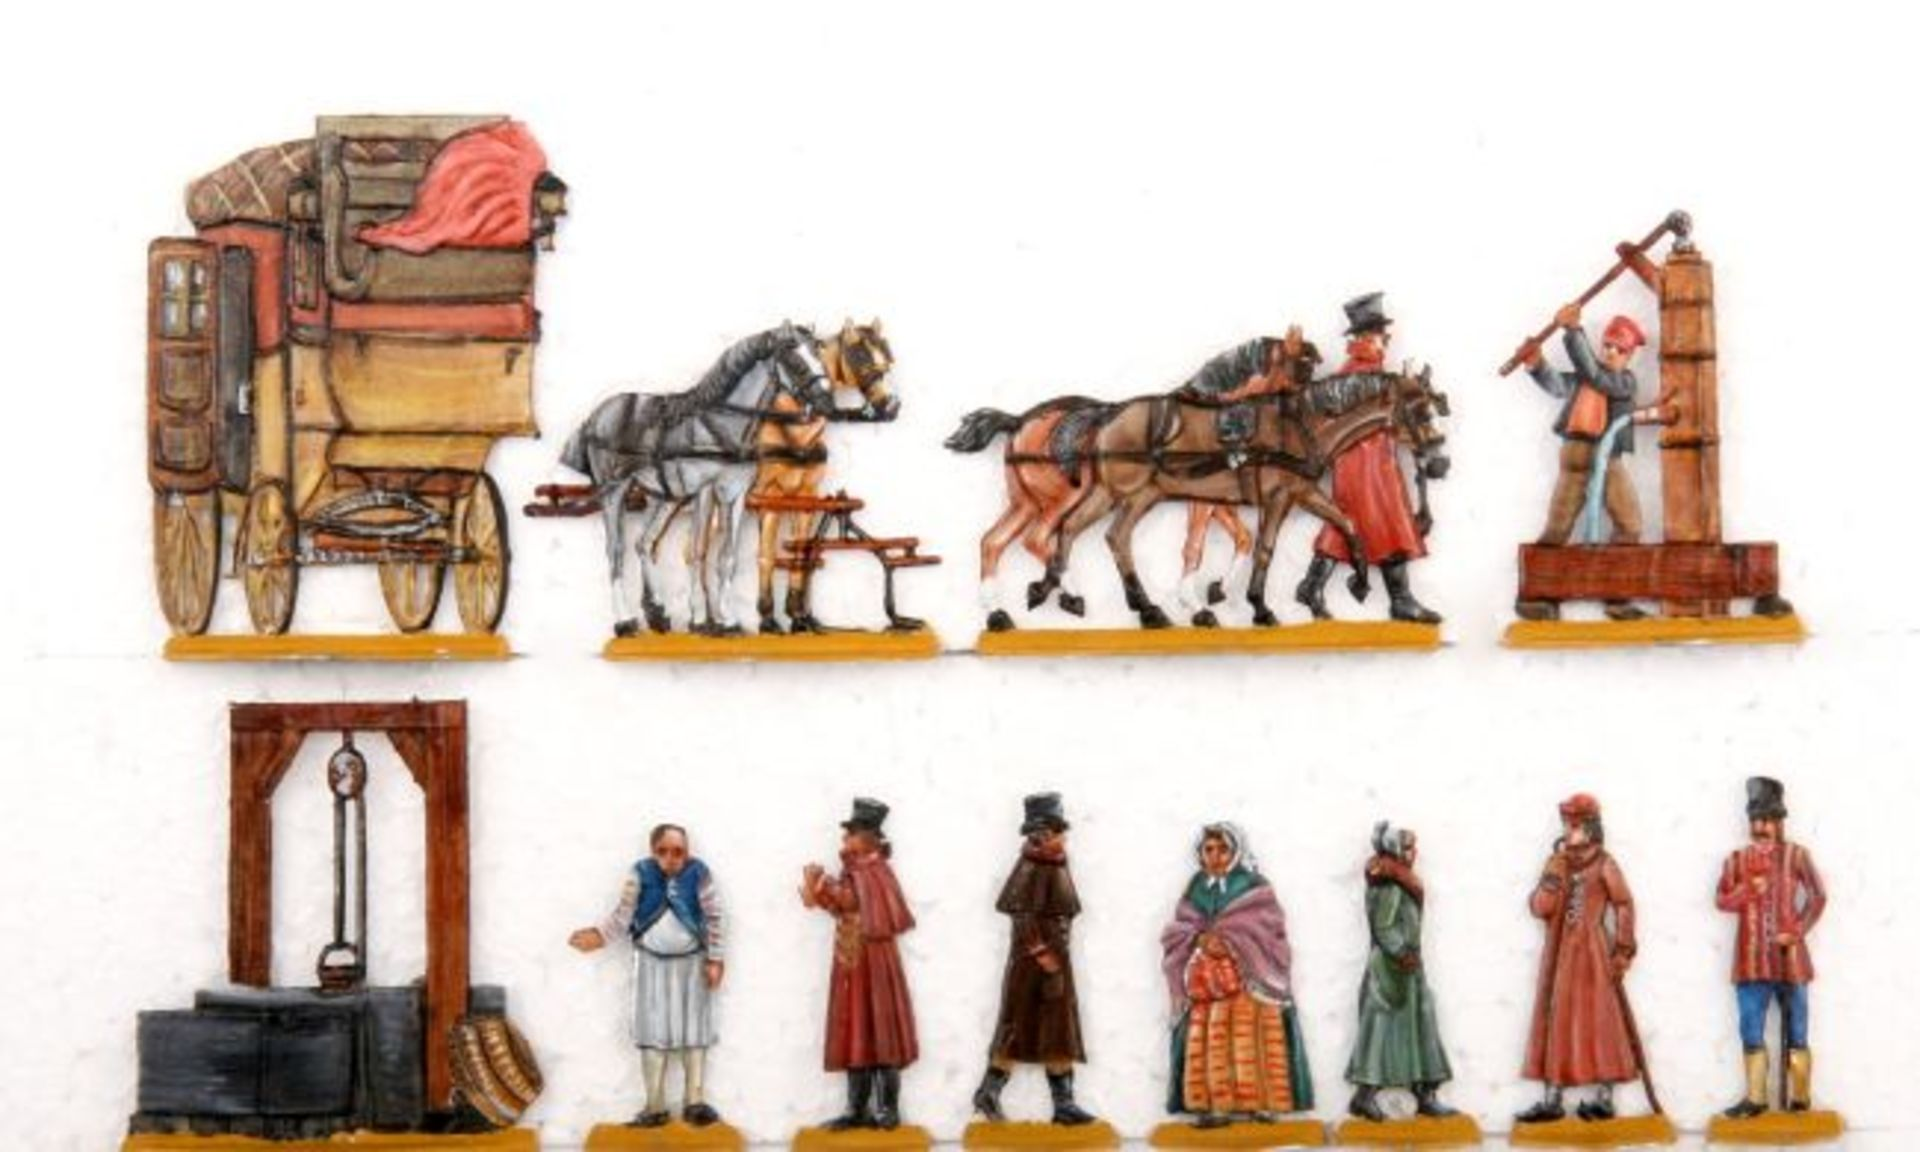 1. Hälfte 19. Jahrhundert, ländliche Poststation, Golberg, sehr gute, schattierte Bemalung, 12